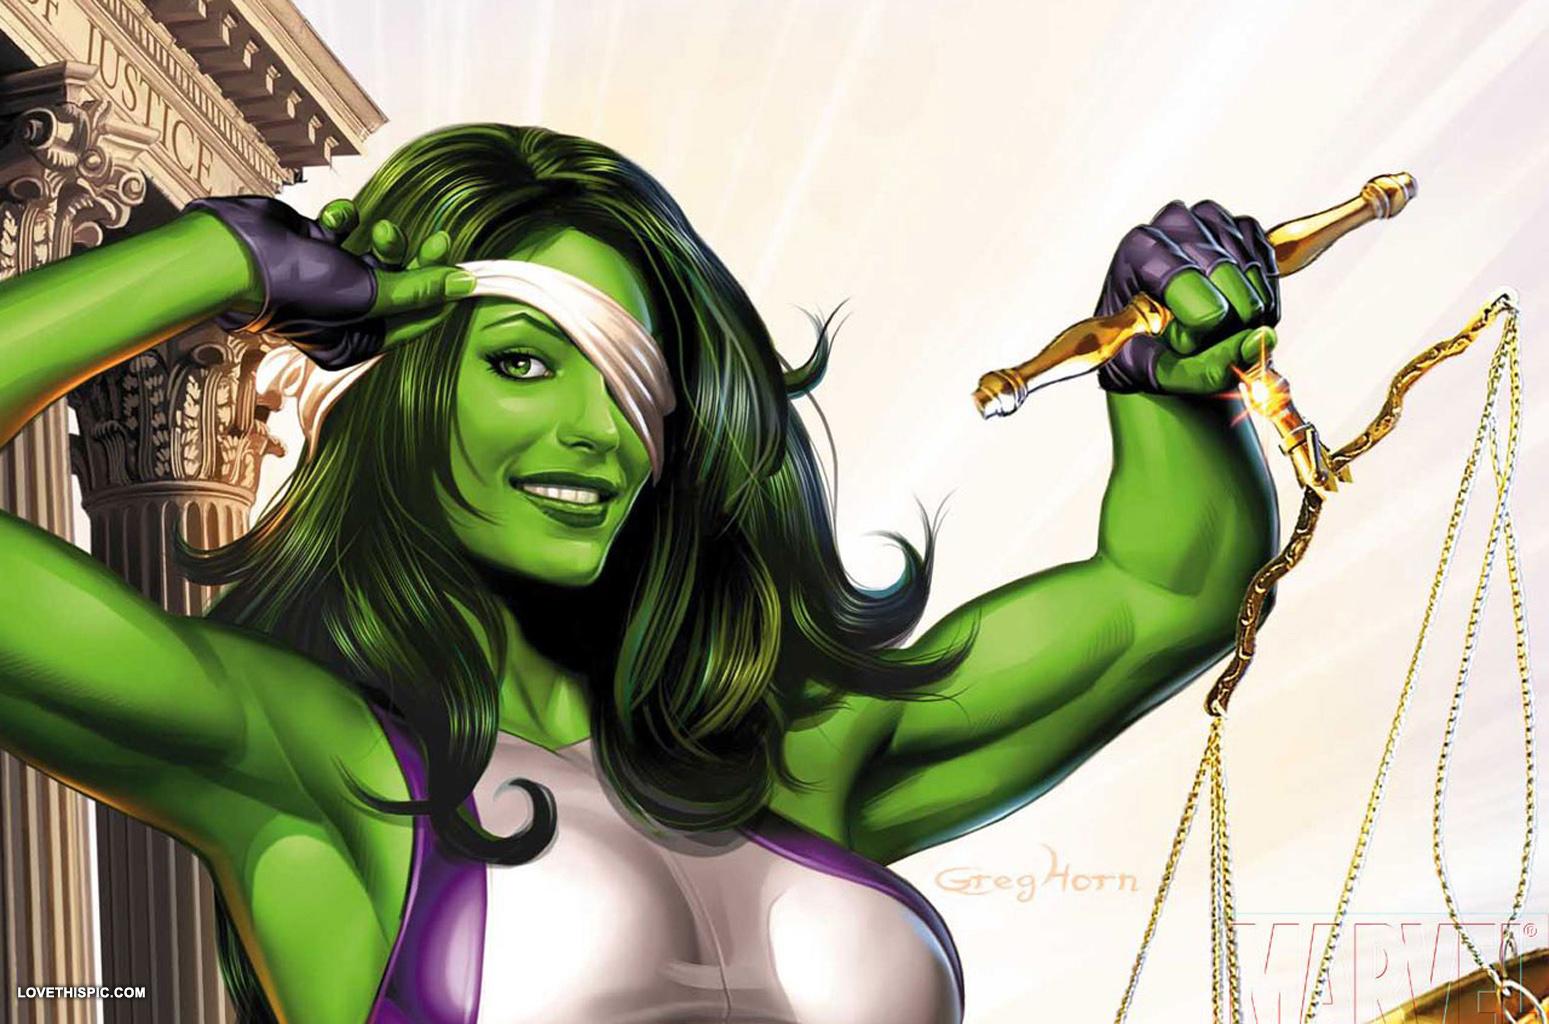 5-Super-Heroínas-que-merecem-uma-adaptação-no-Cinema-She-Hulk